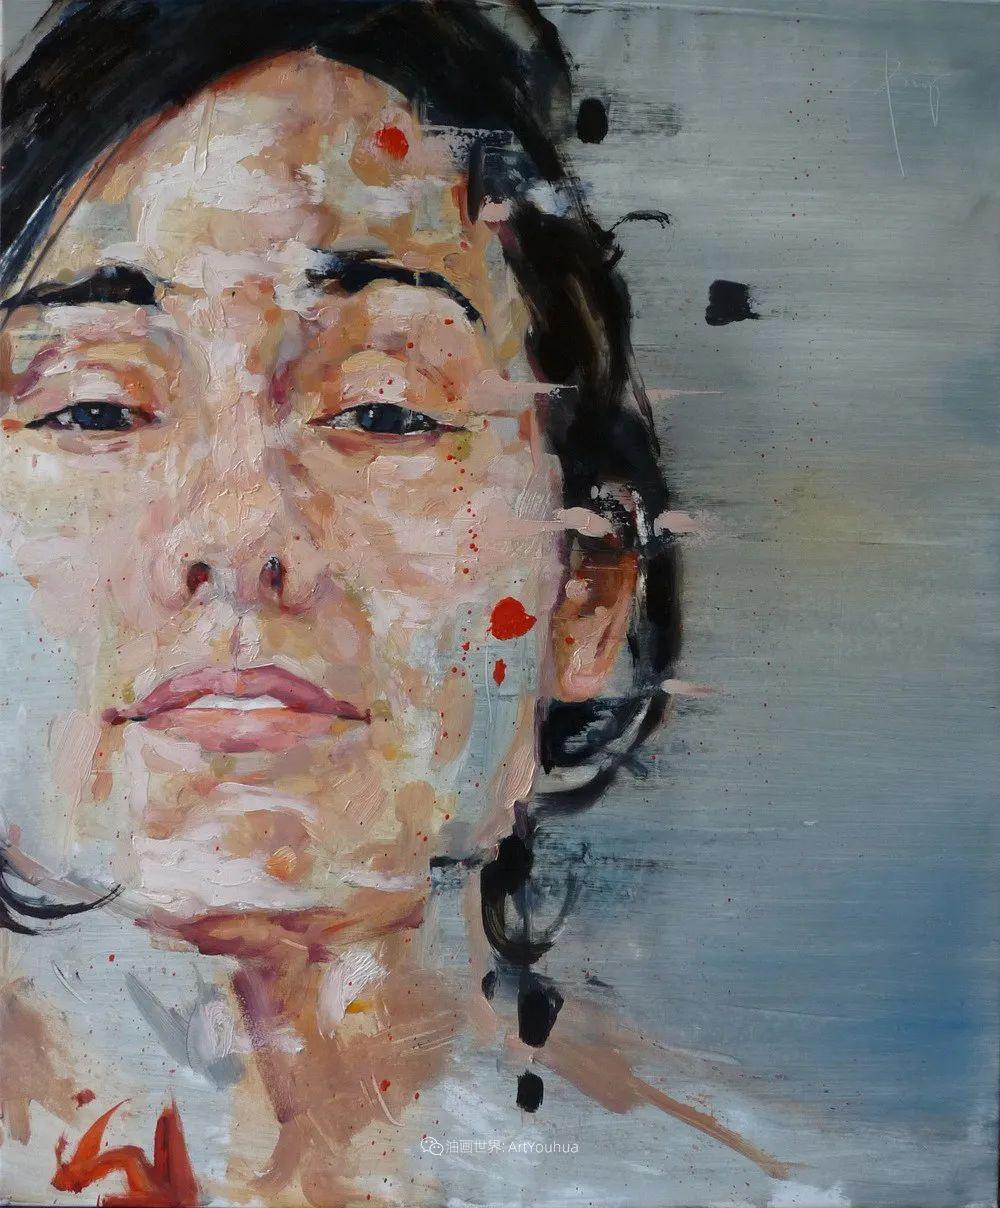 完美的缺陷,哥伦比亚艺术家塞萨尔·比奥乔画选插图69